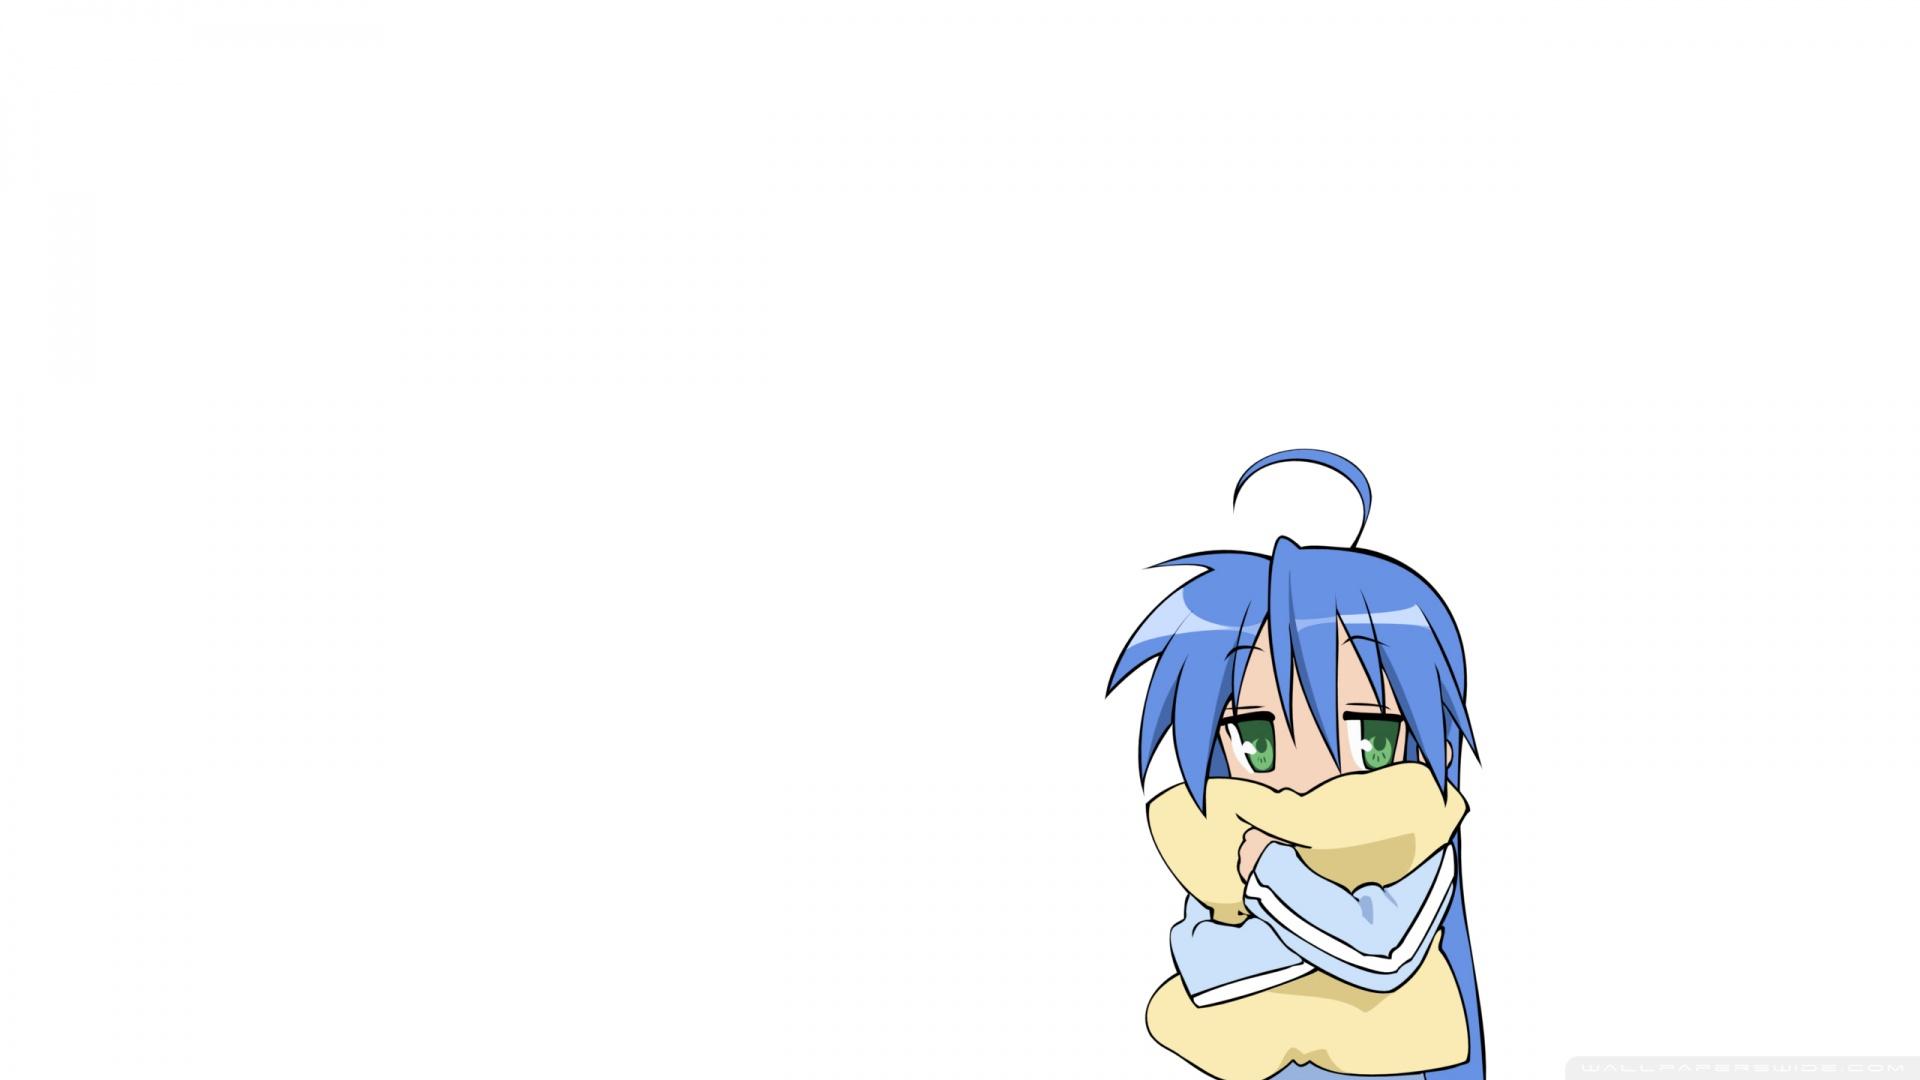 Cute Baby Girl Hd Wallpaper For Mobile Lucky Star Anime 4k Hd Desktop Wallpaper For 4k Ultra Hd